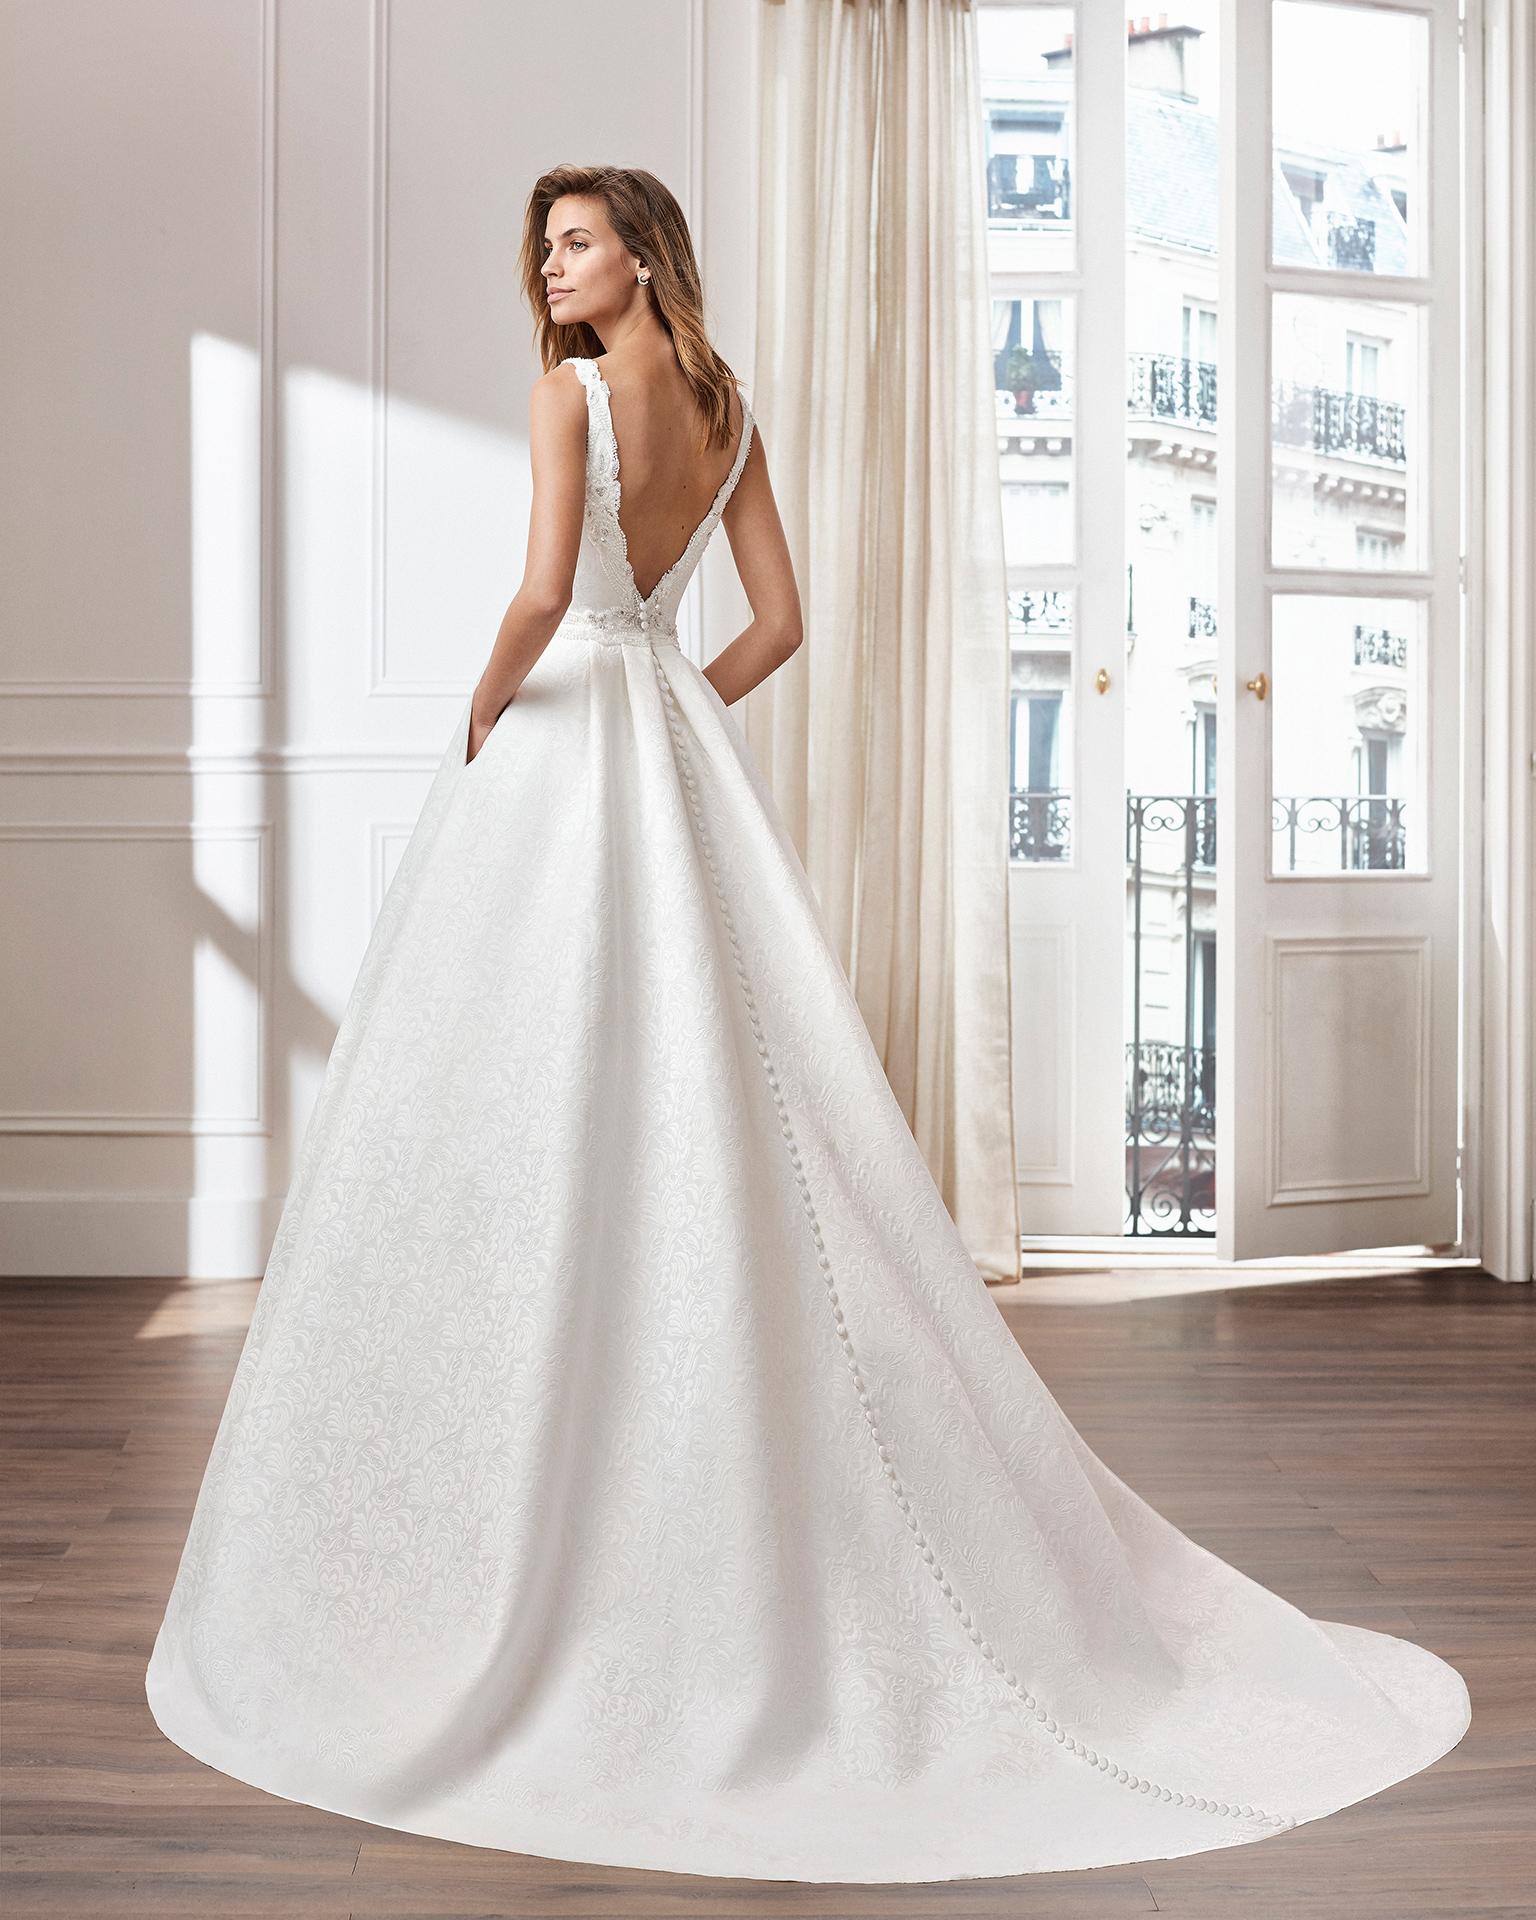 Vestido de novia estilo clasico